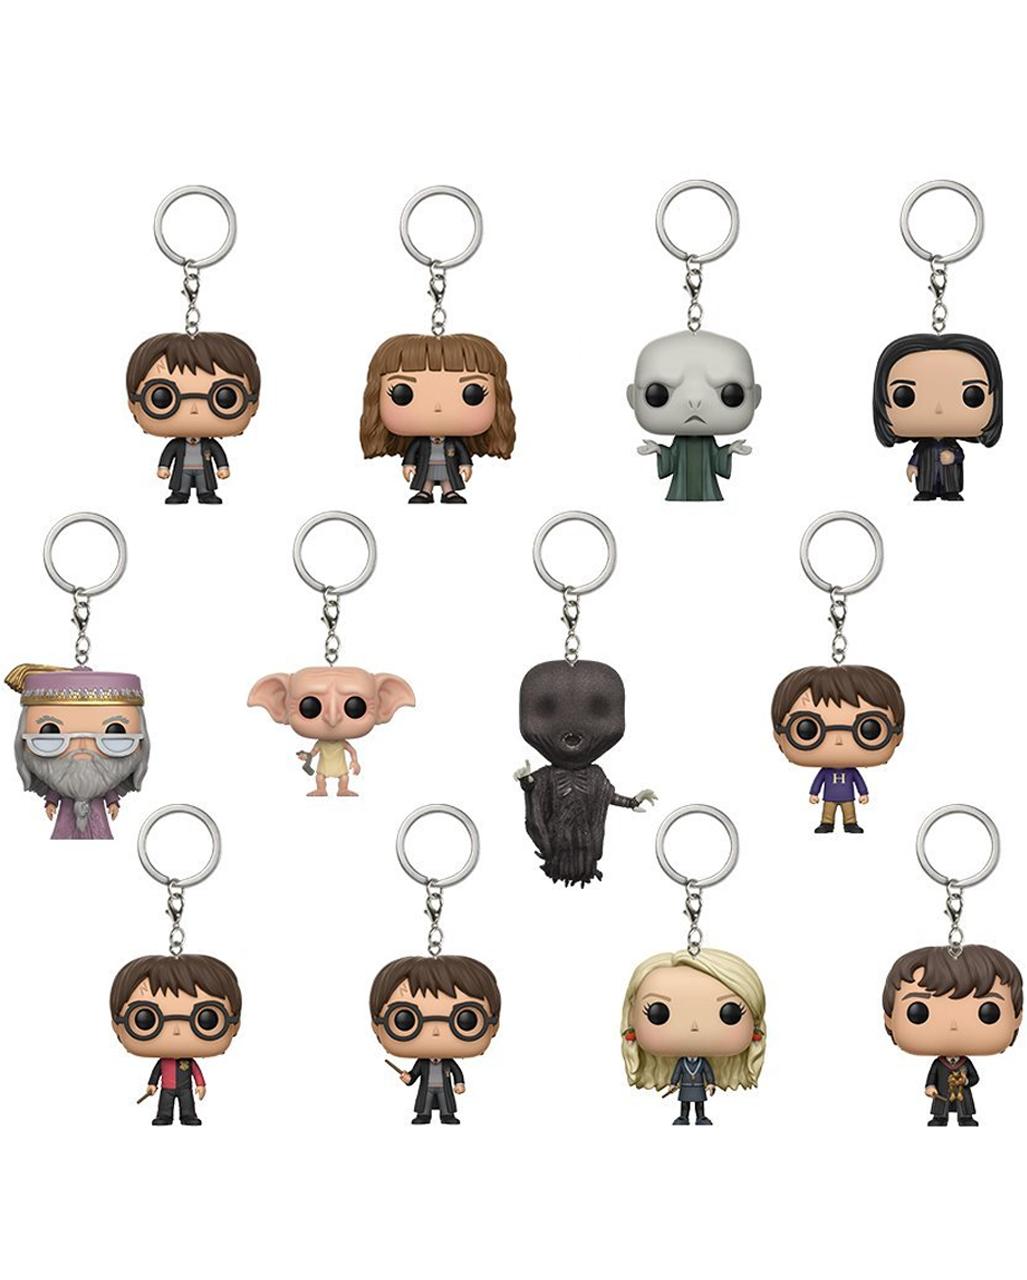 1cc0c5a3ad Harry Potter Mystery Schlüsselanhänger POP | kaufen | Horror-Shop.com